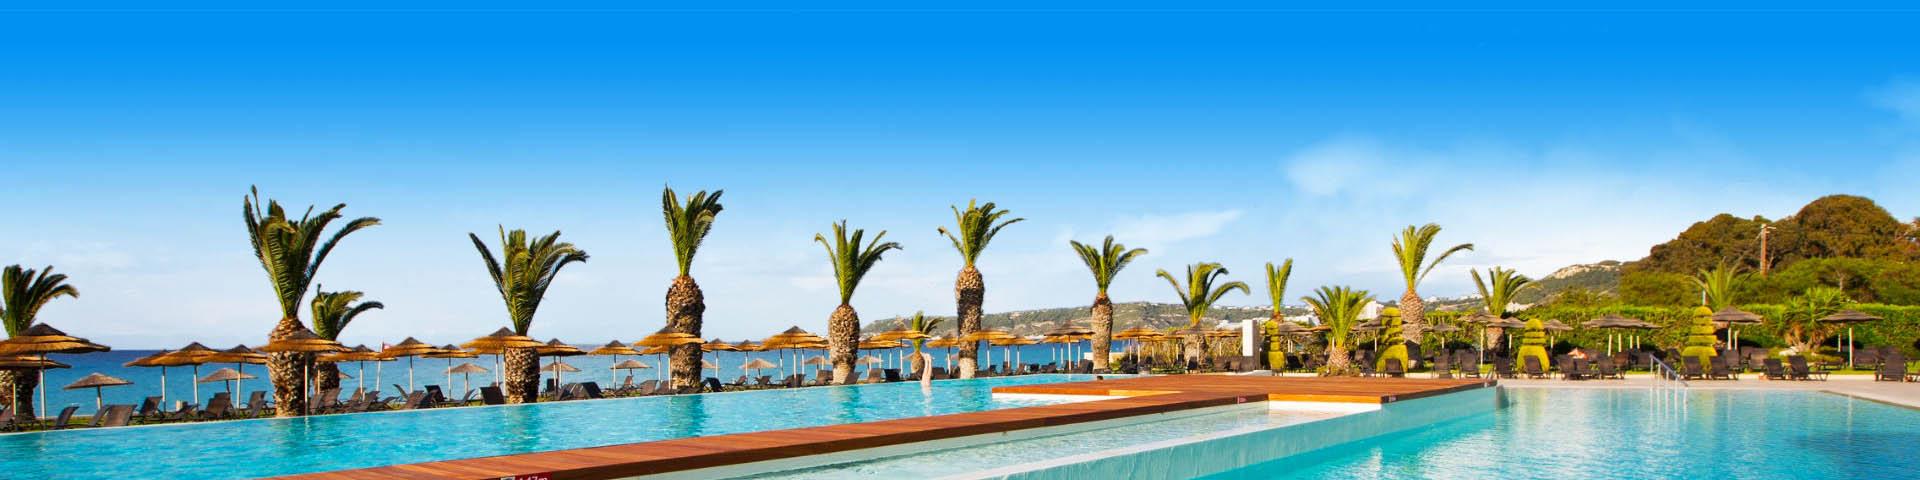 Zwembad en palmbomen in Ixia